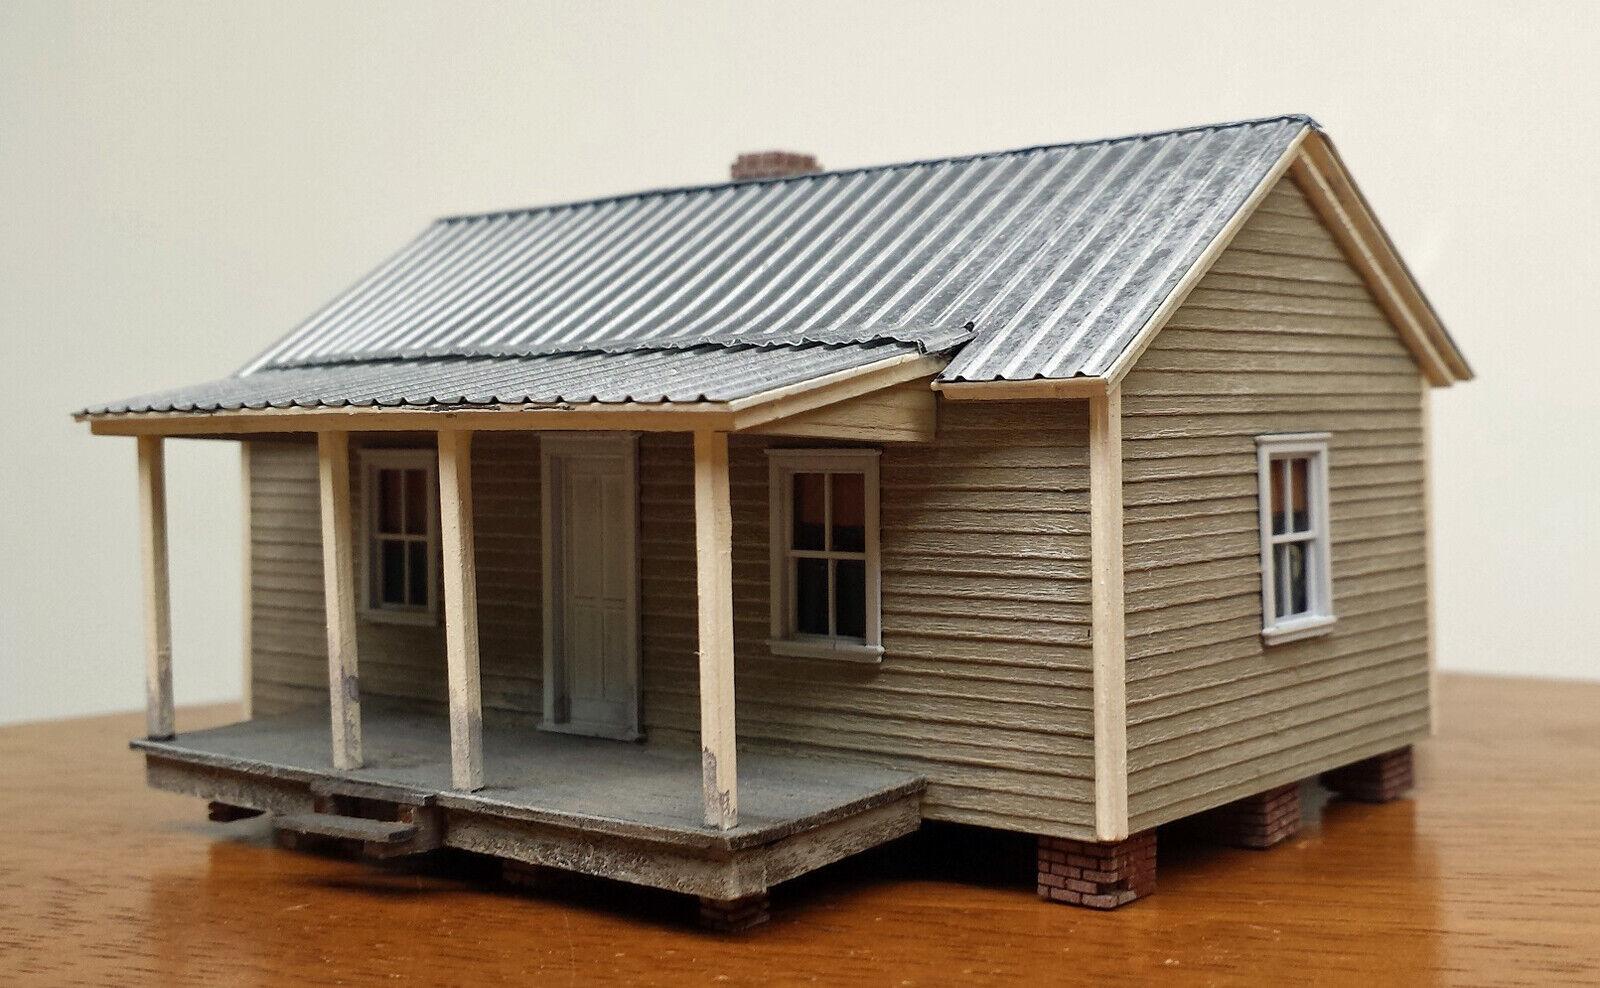 MILL COMPANY HOUSE HO HOn3 Model Railroad Unpainted Laser Wood Kit RSM1010HO